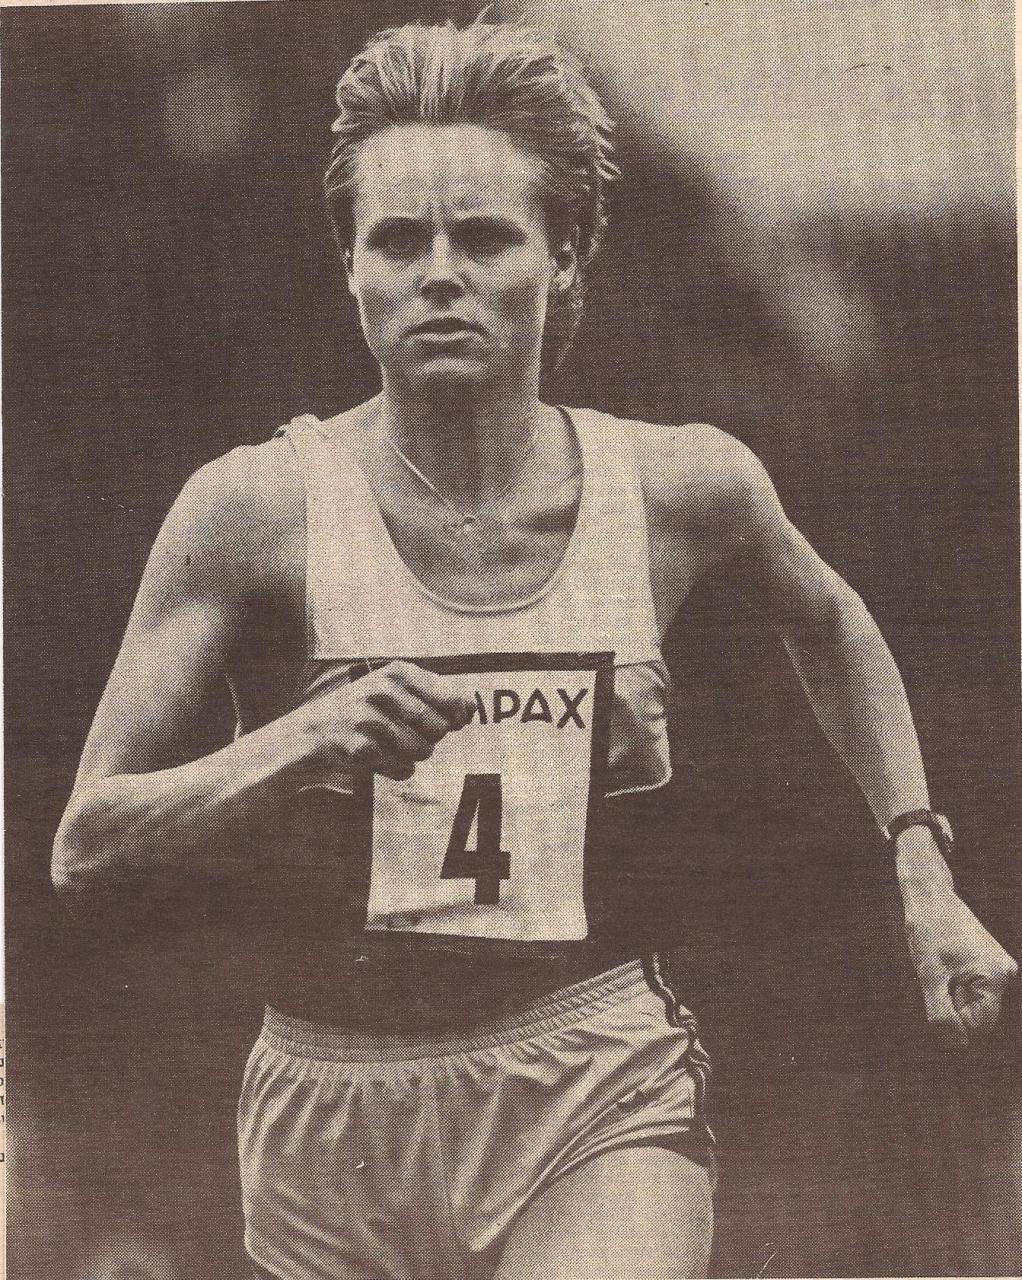 Svarre also took up triathlon in 1986